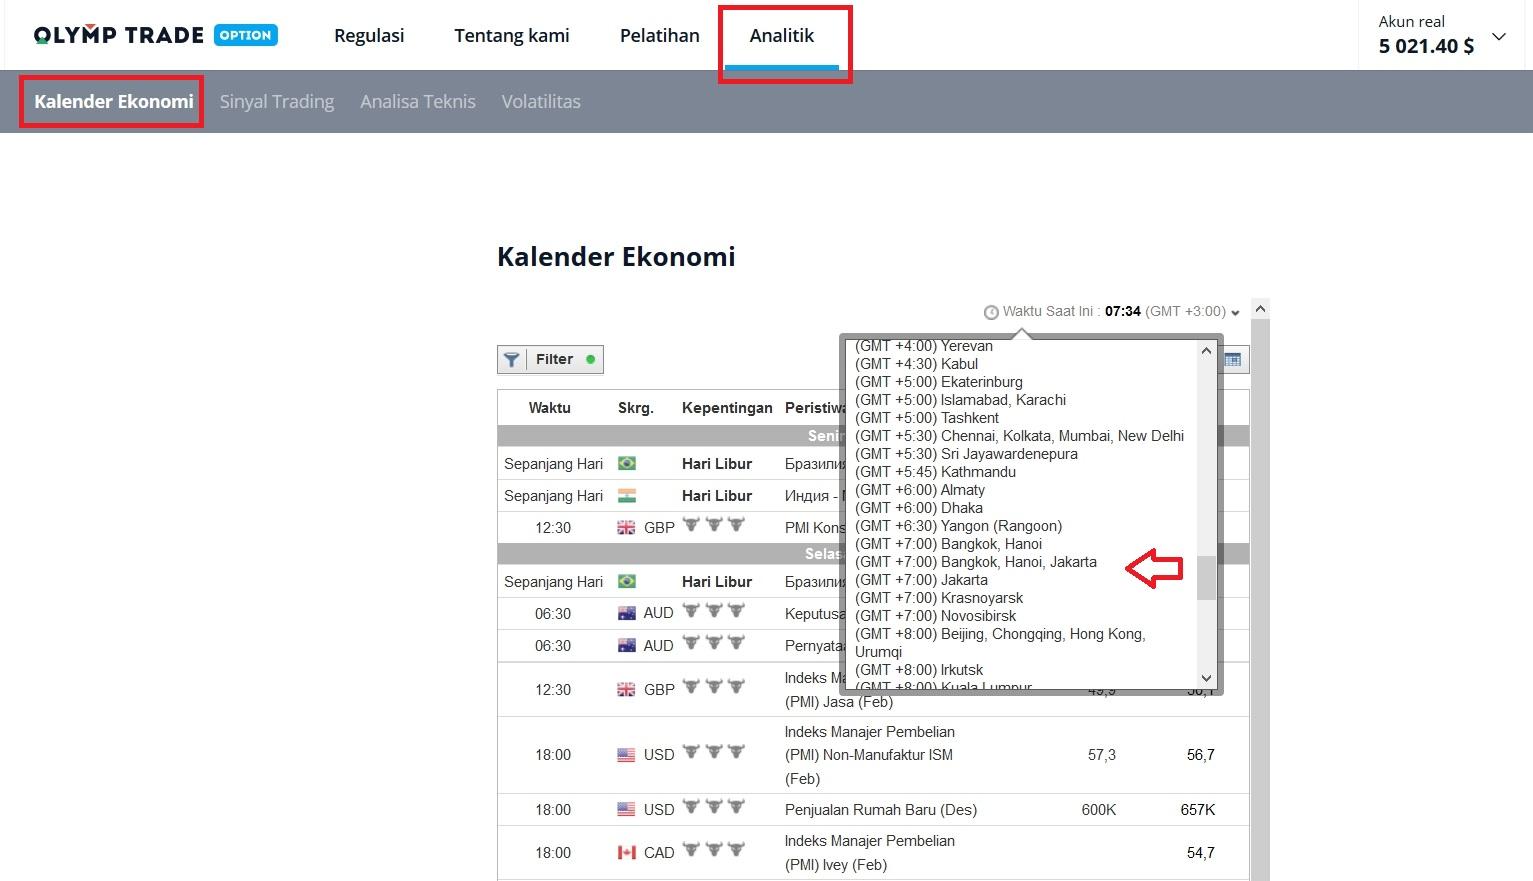 Cara melihat kalender ekonomi di Olymp Trade